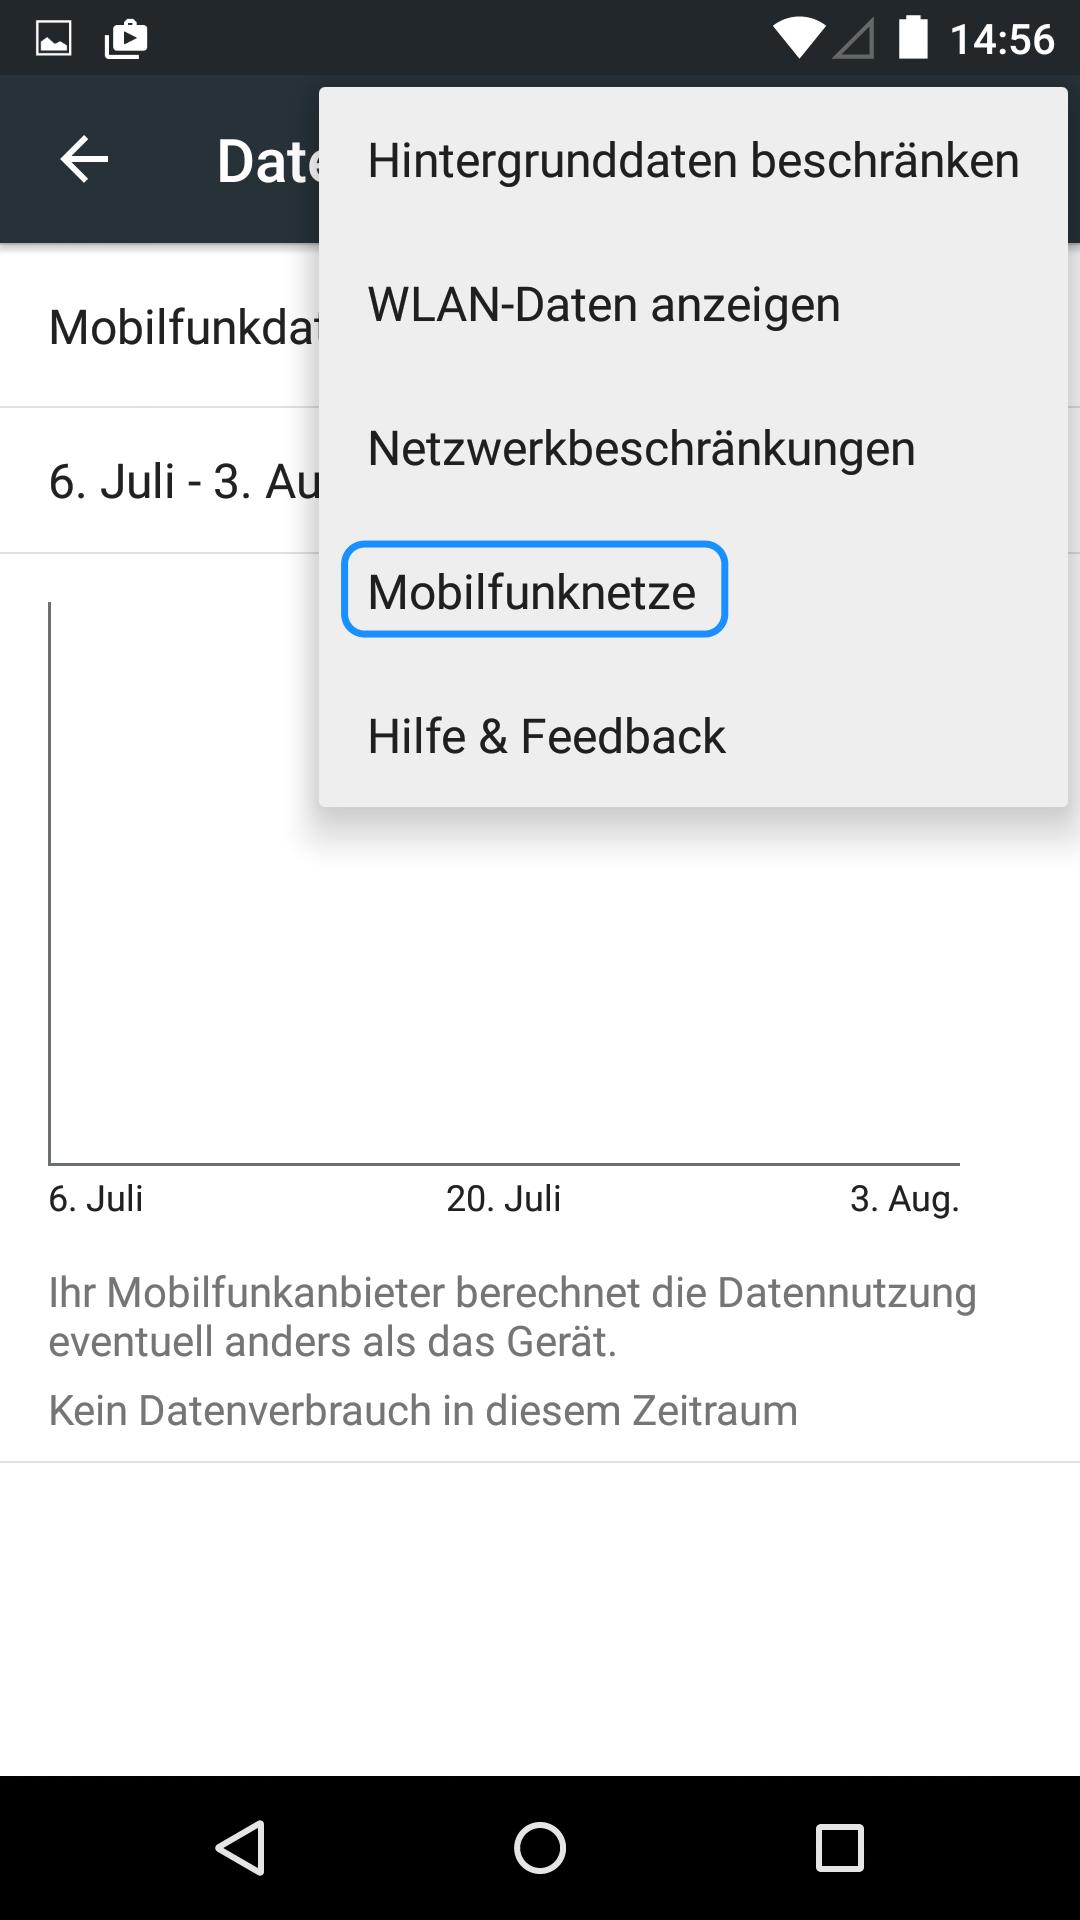 Abbildung wi man bei Android das Datenroaming abstellt.